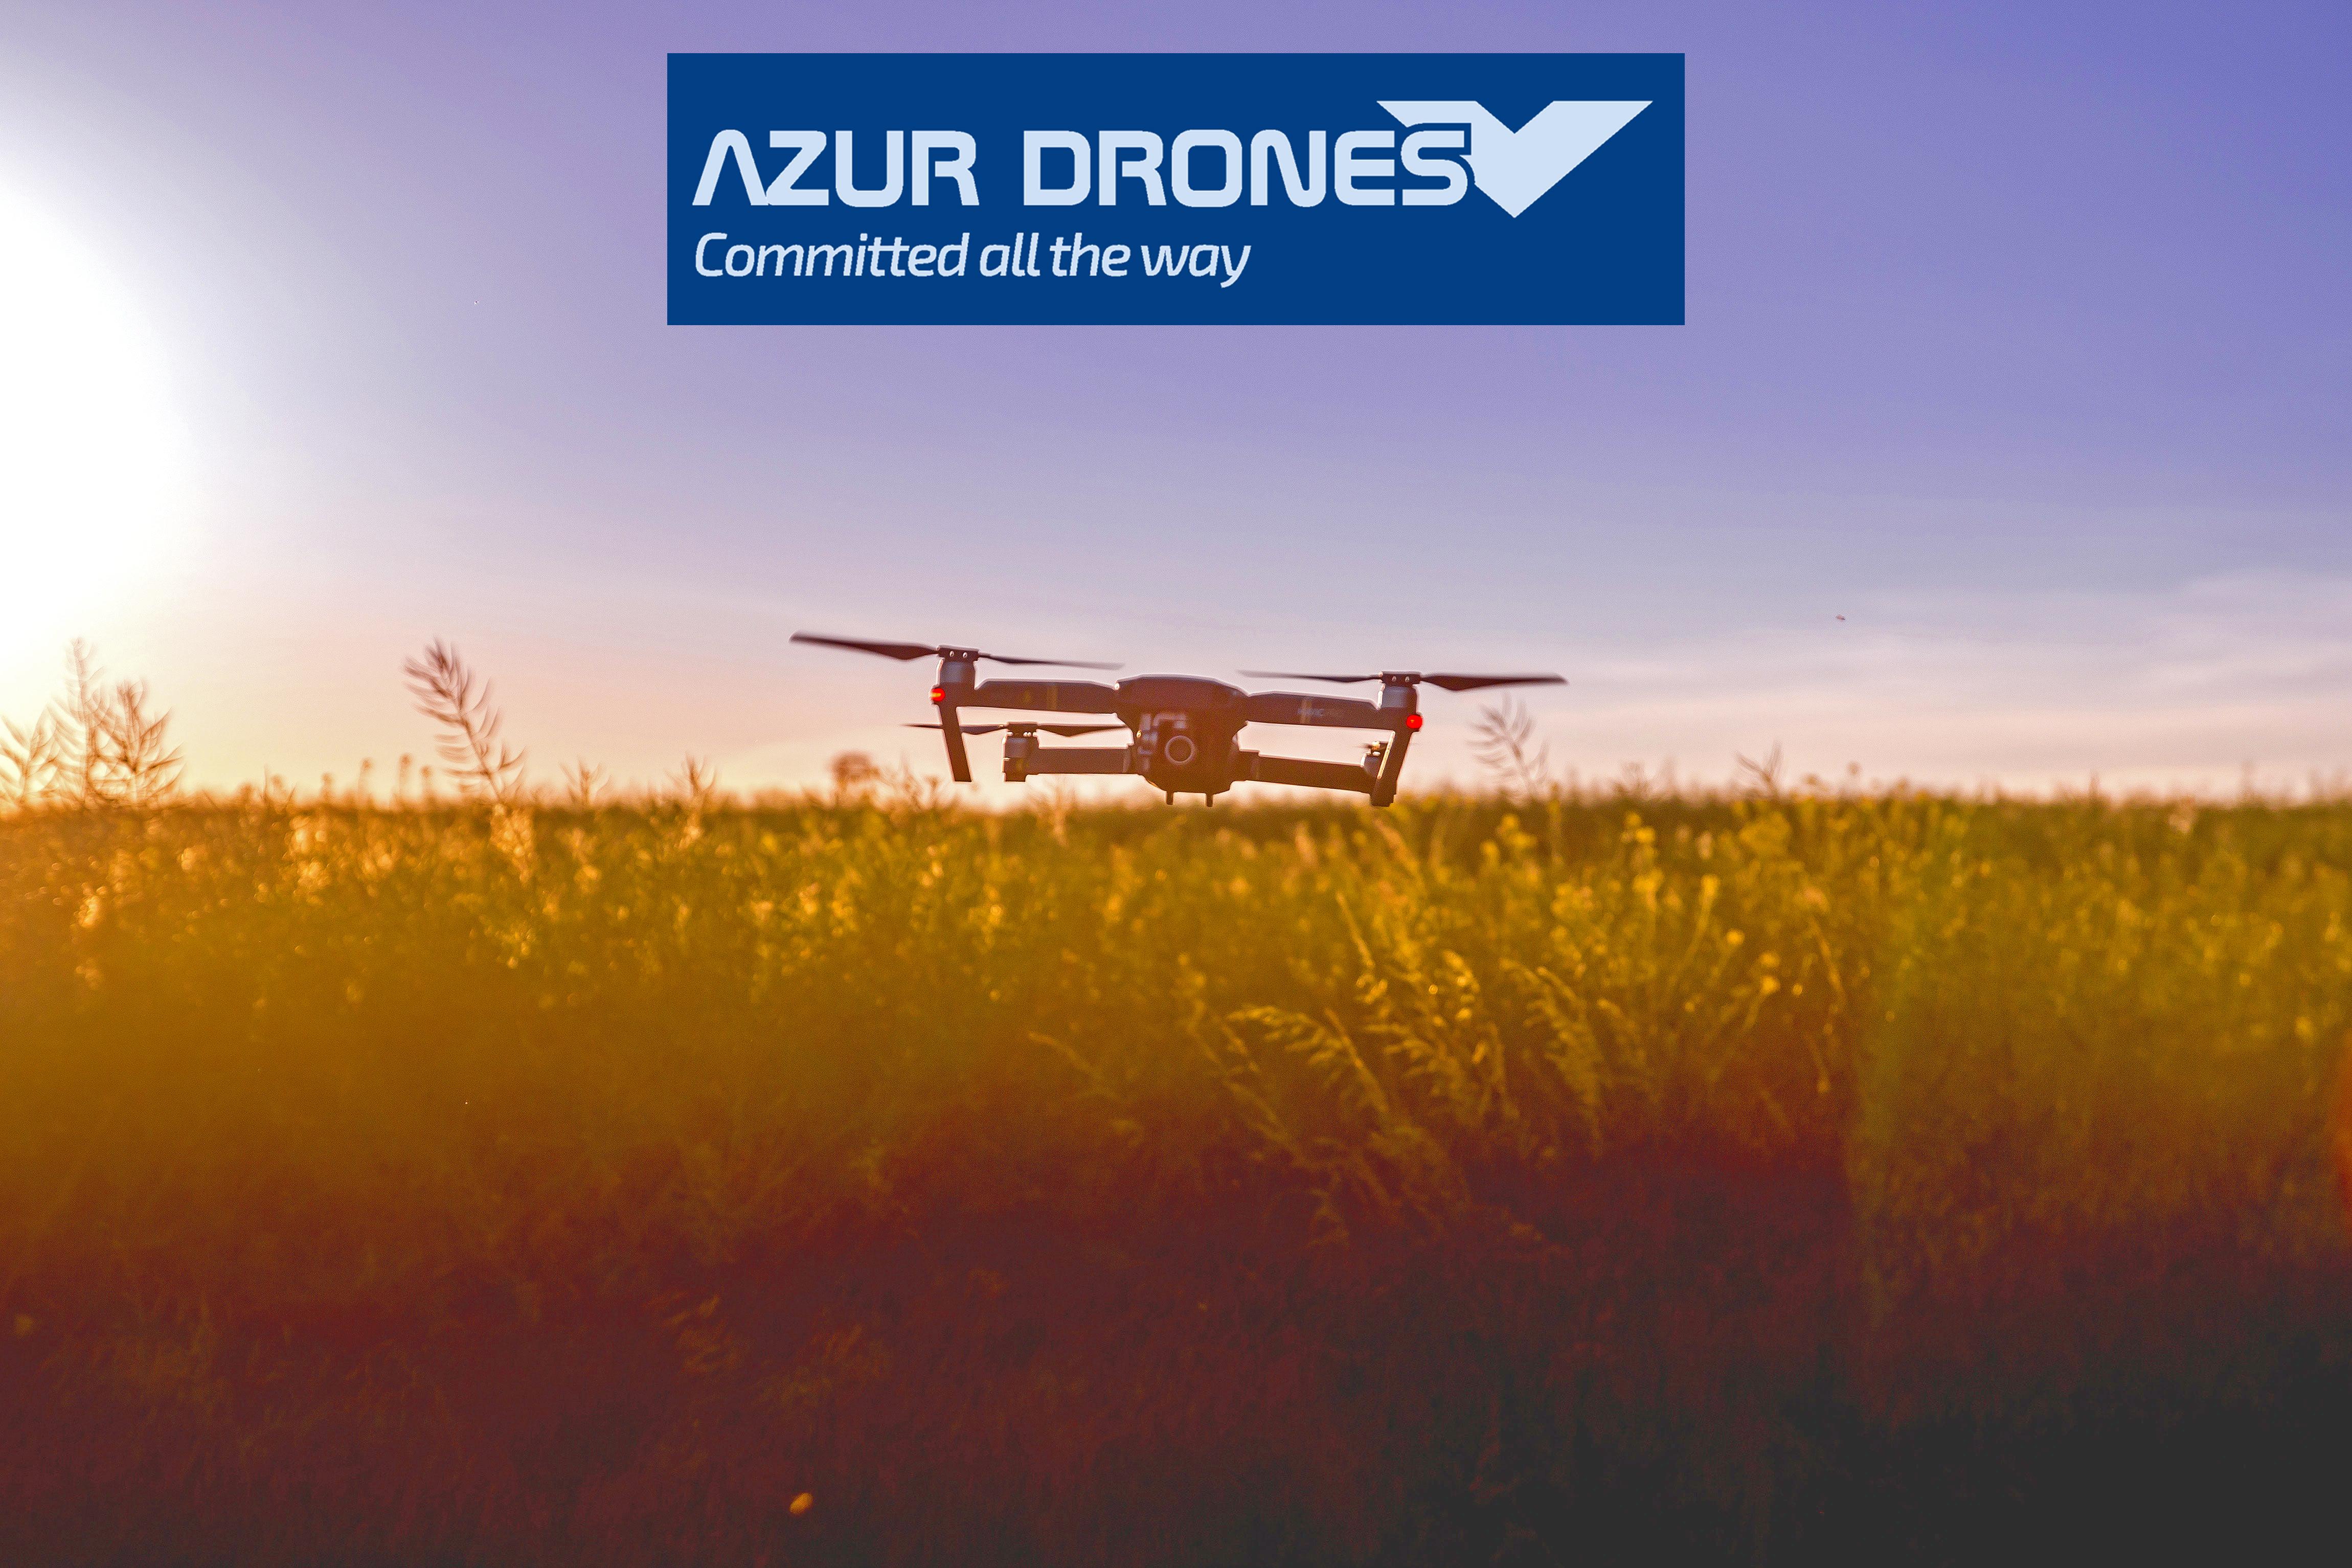 Azur Drones new update